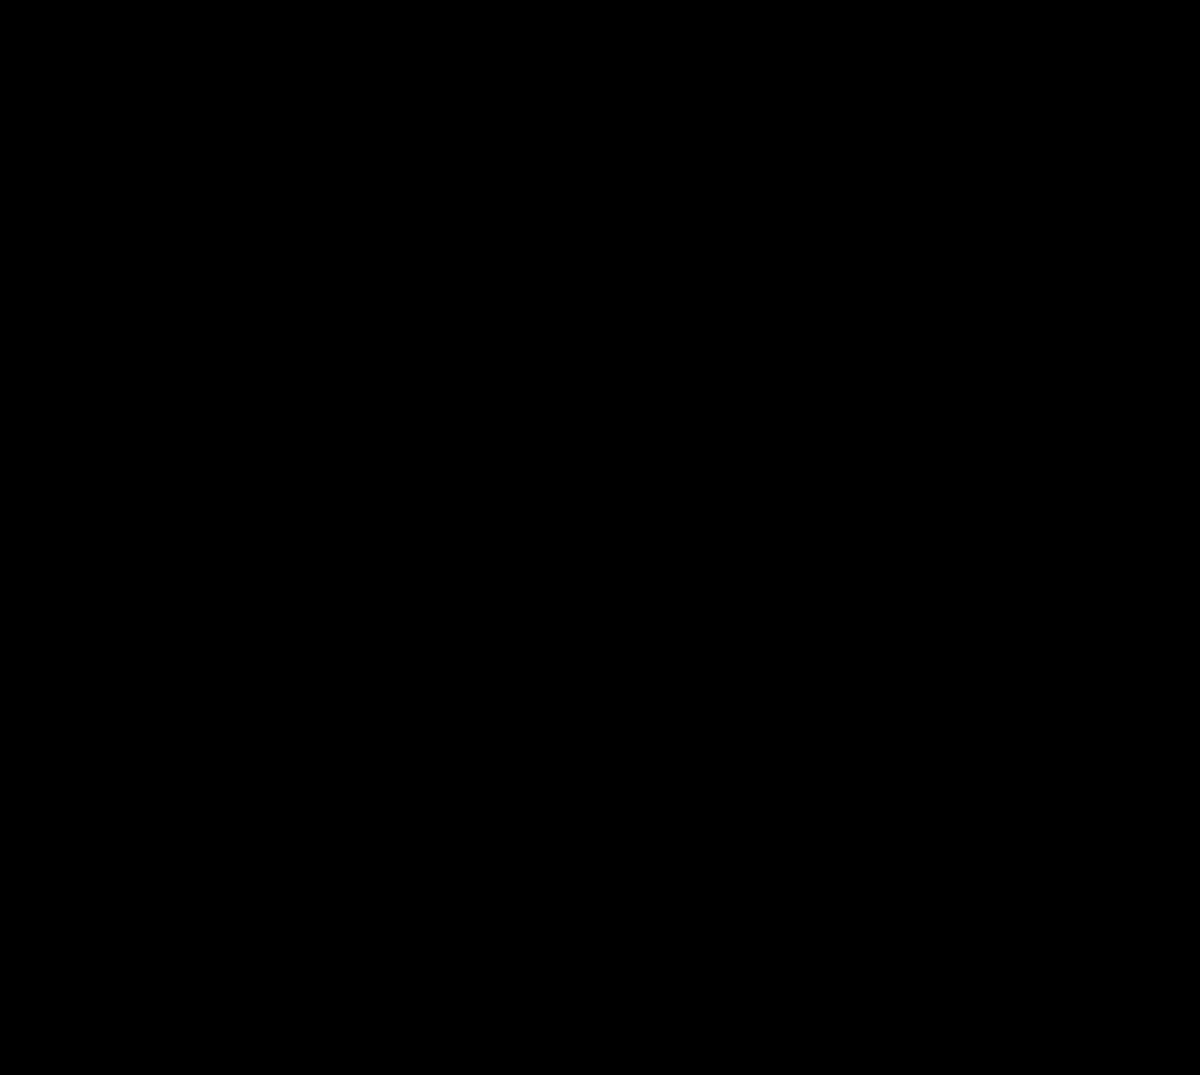 f:id:iku8:20210131010930p:plain